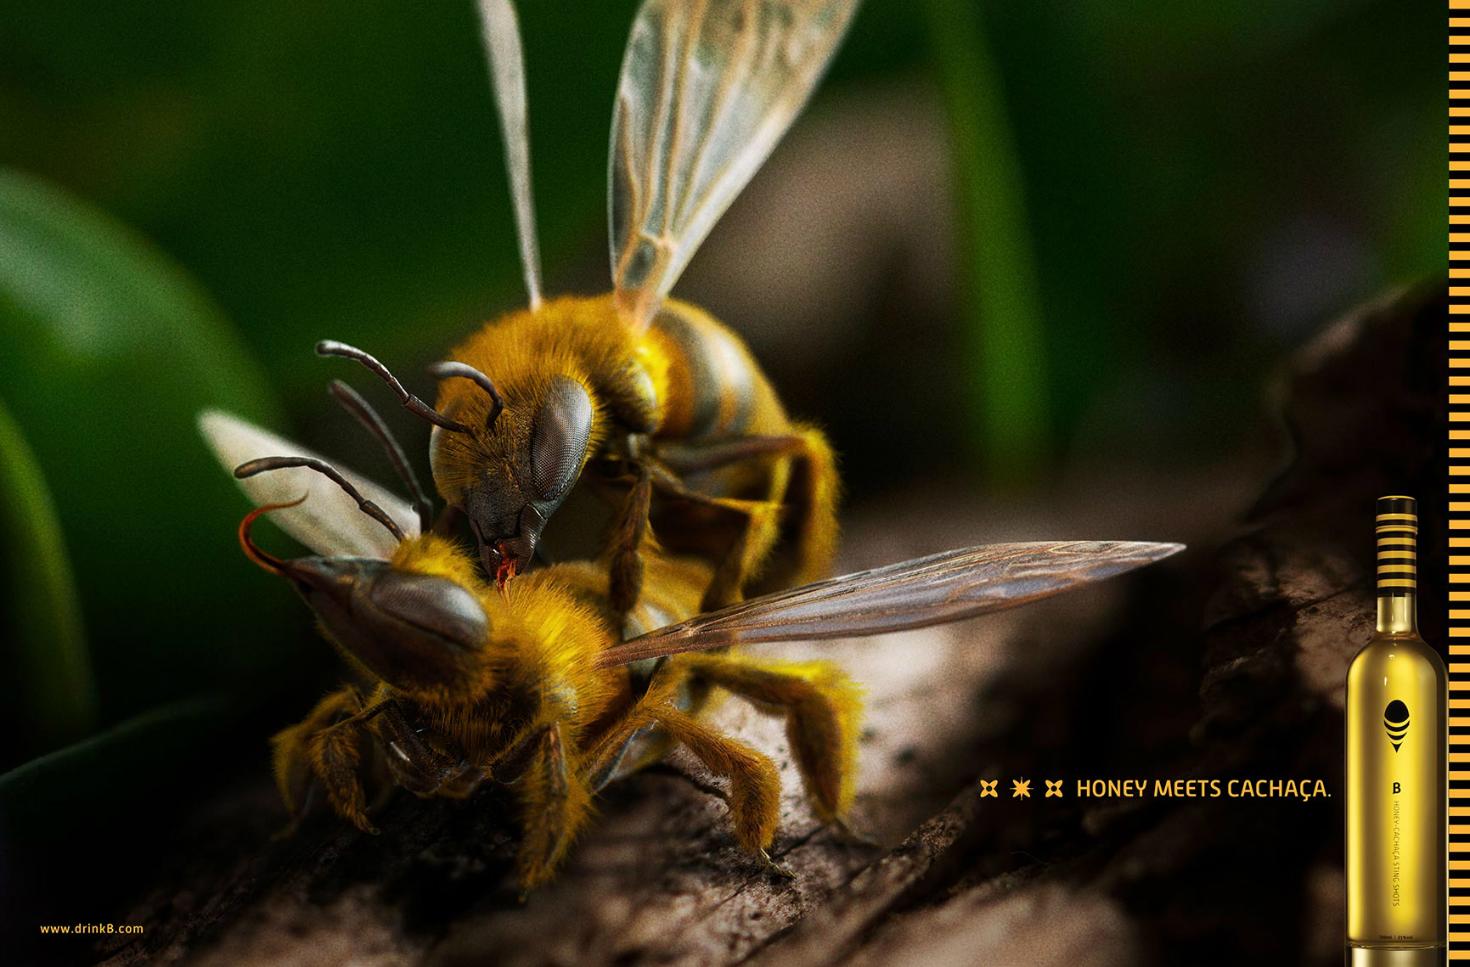 HONEY BEE CACHAÇA